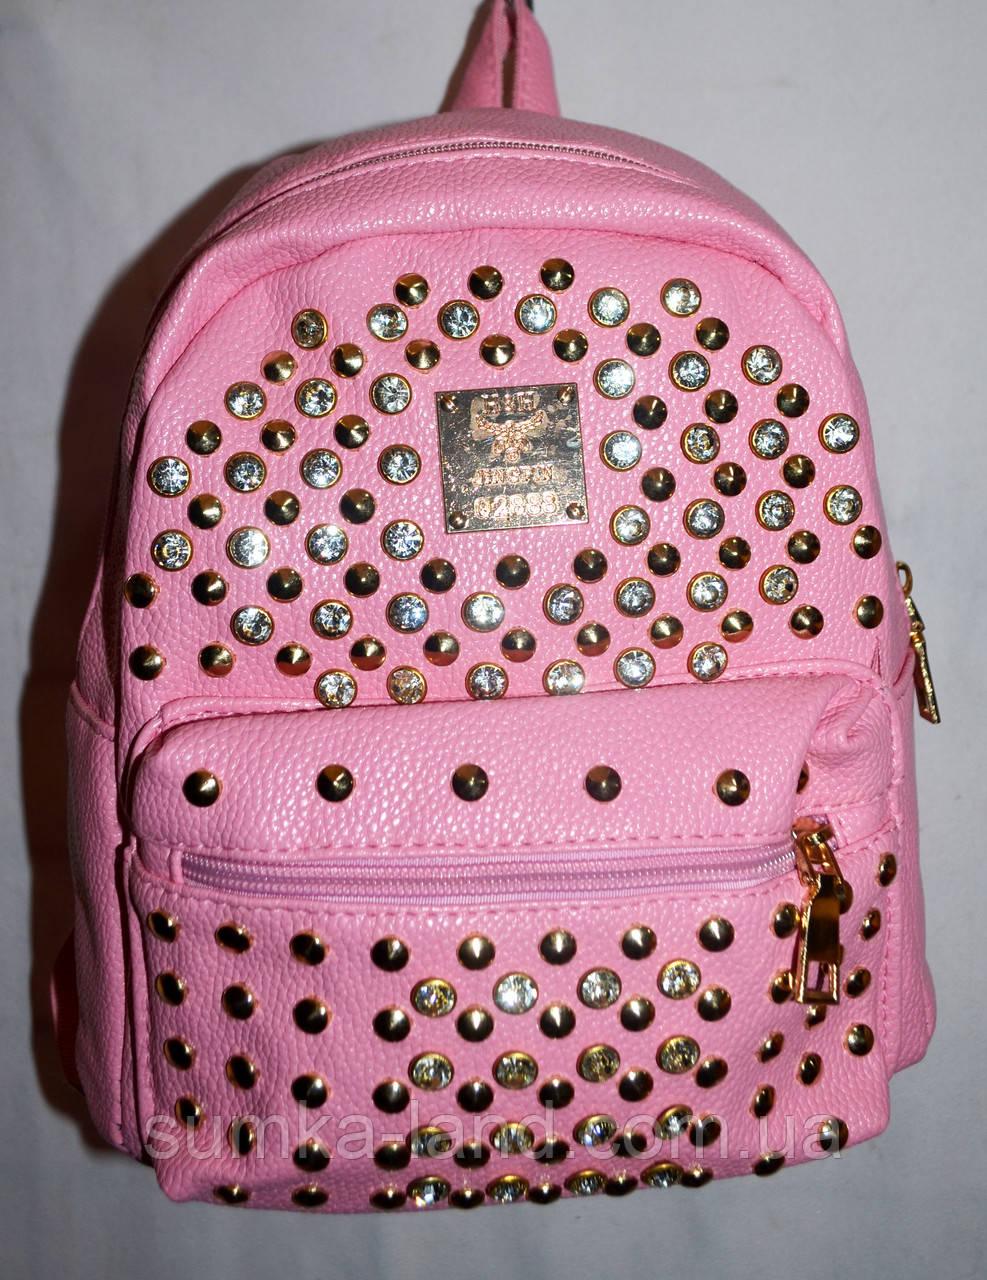 Женский молодежный рюкзак из кожзама с шипами розовый 20*24 см